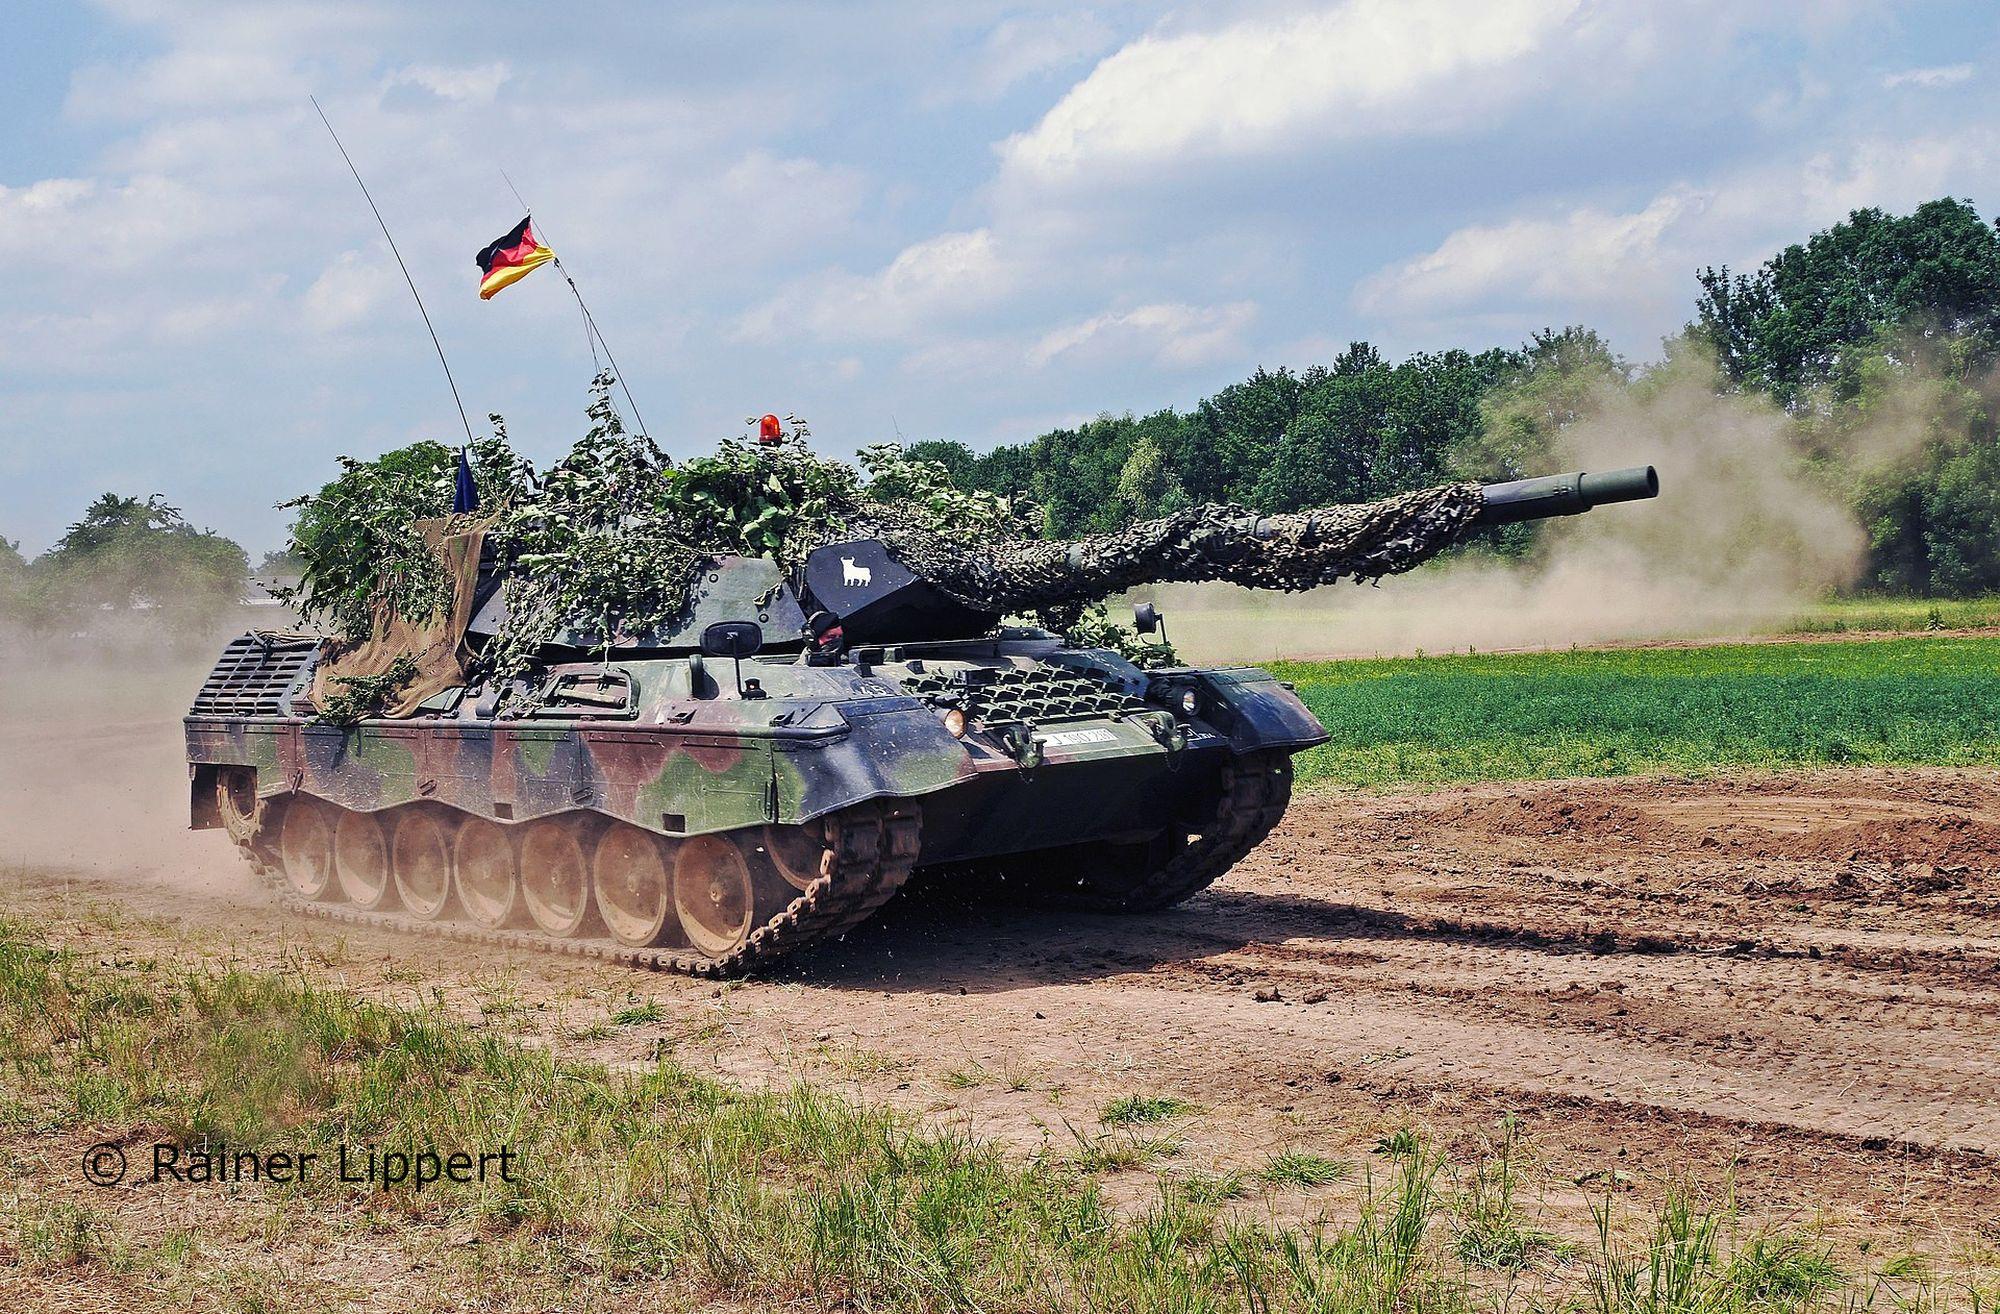 03320-Leopard_1A5-C-Rainer-Lippert Revell-Neuheiten 2020